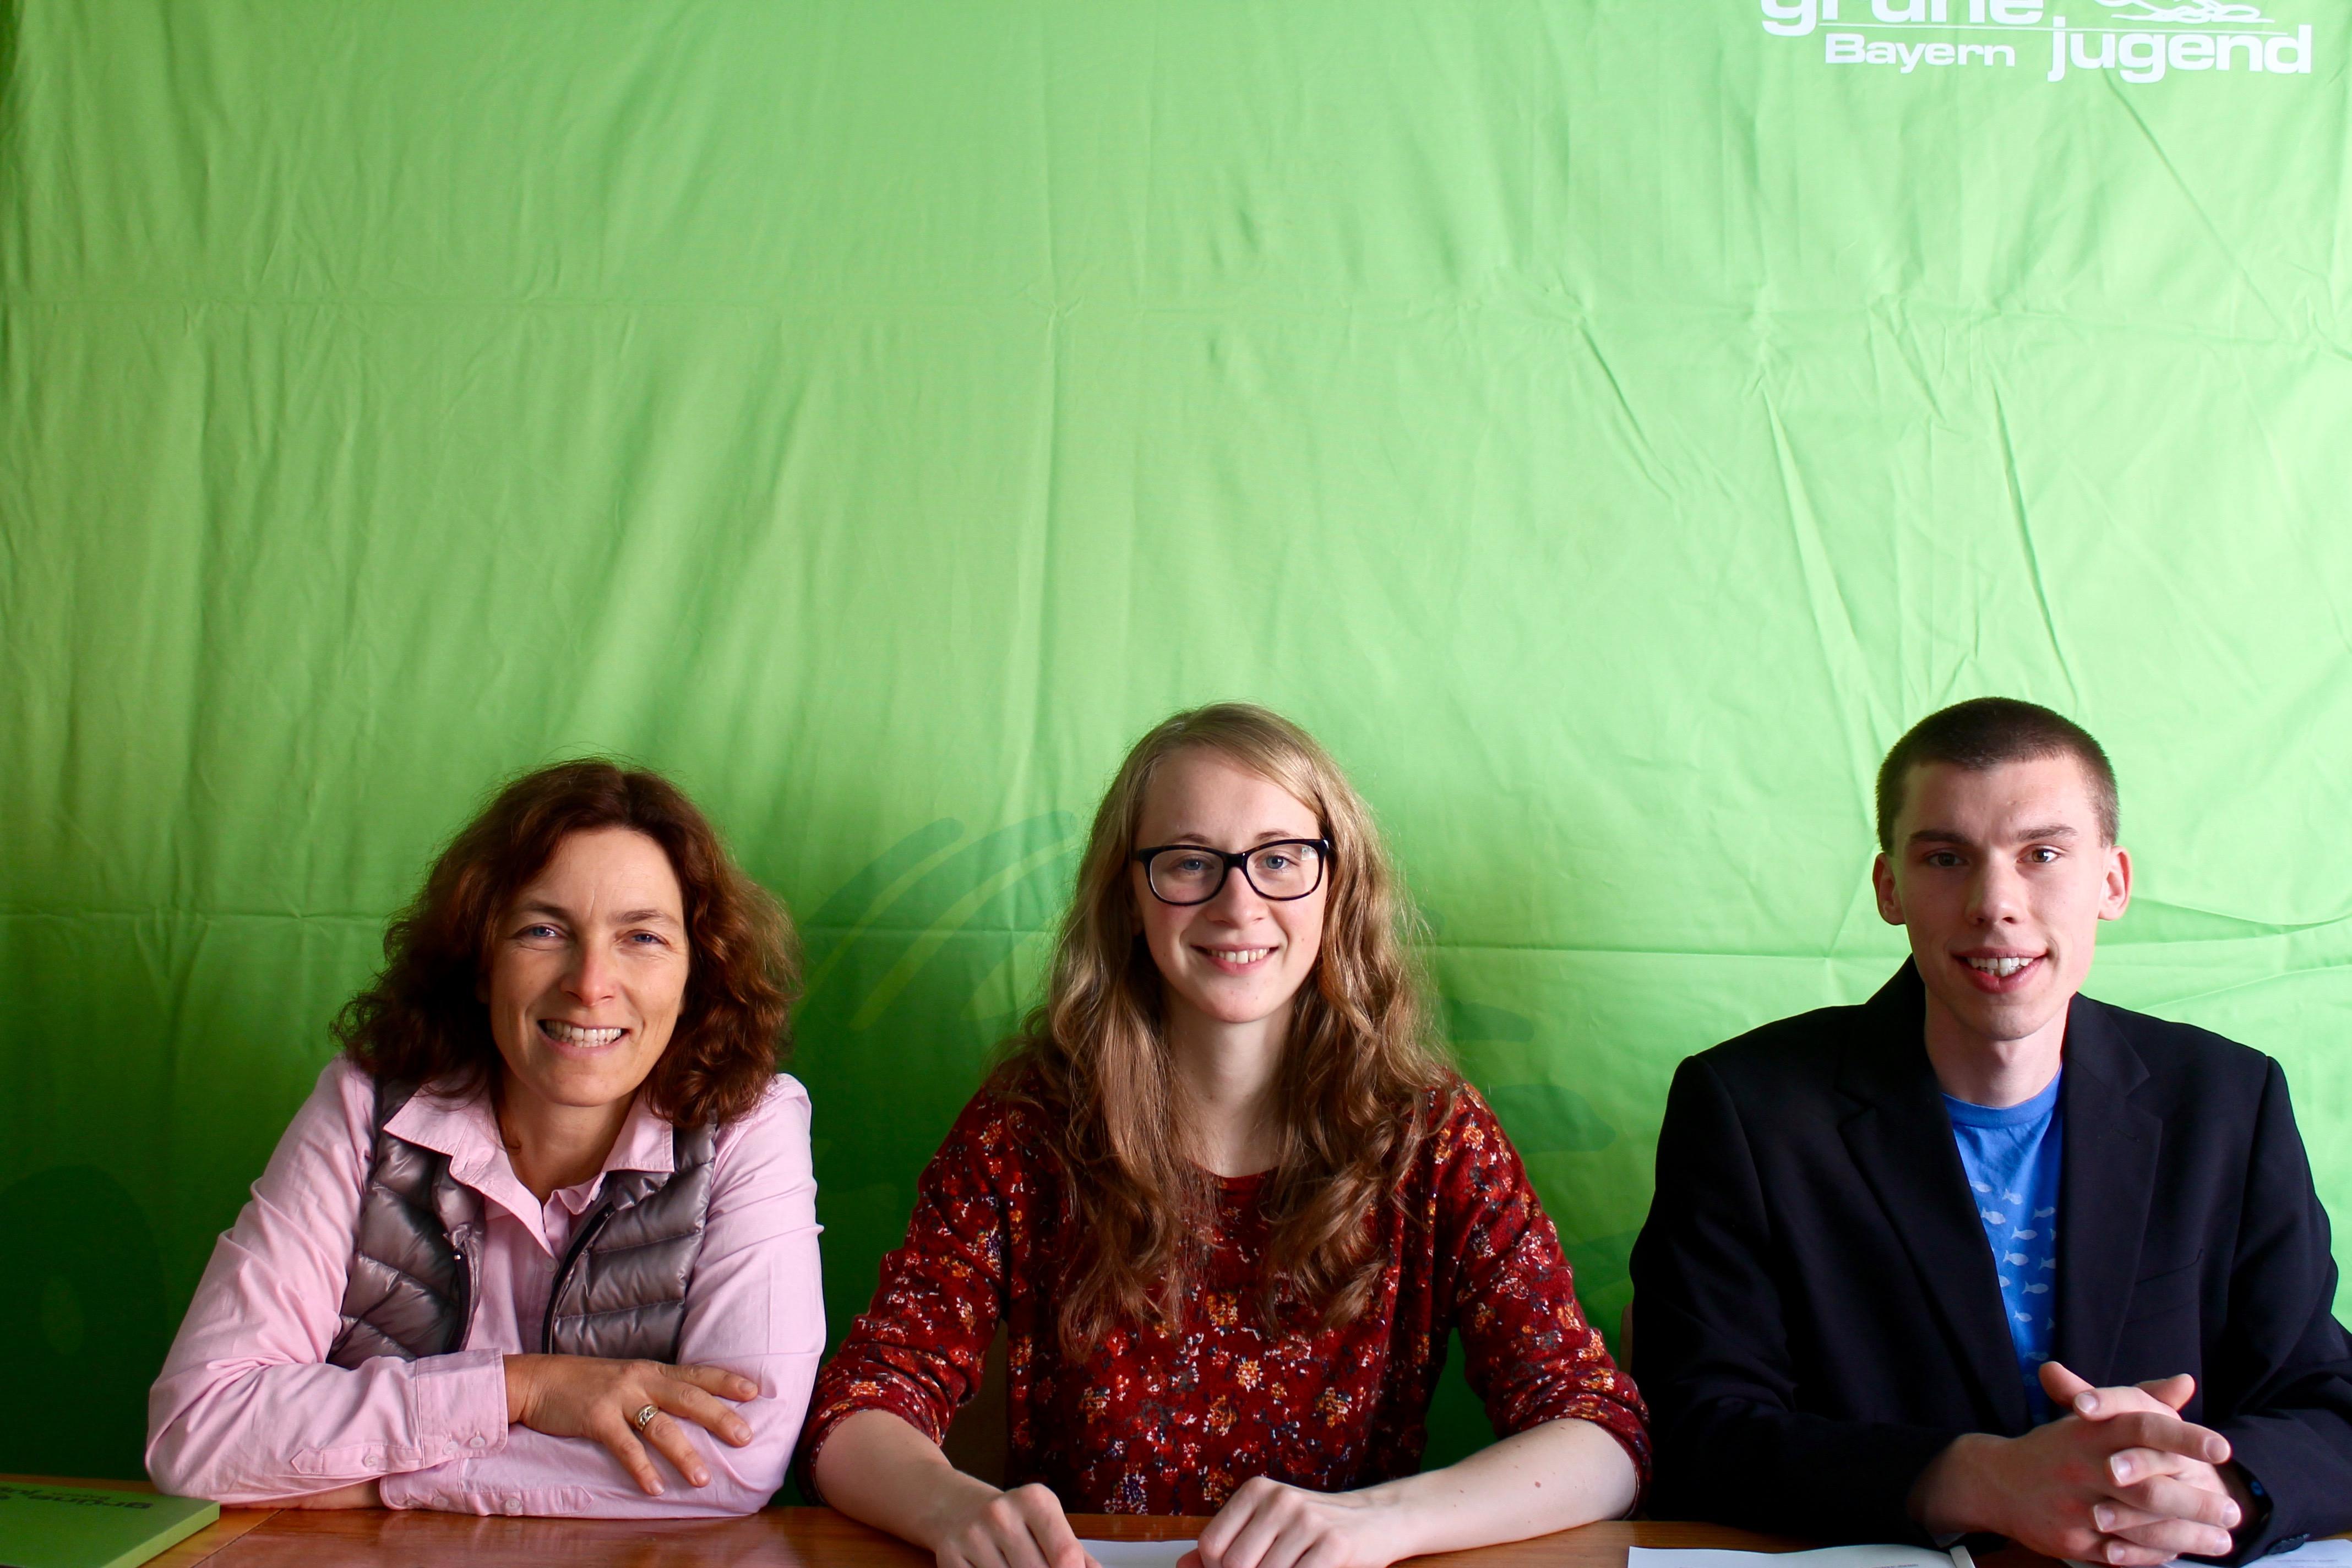 Foto von der Pressekonferenz mit Eva Lettenbauer, Matthias Ernst und Kerstin Celina.